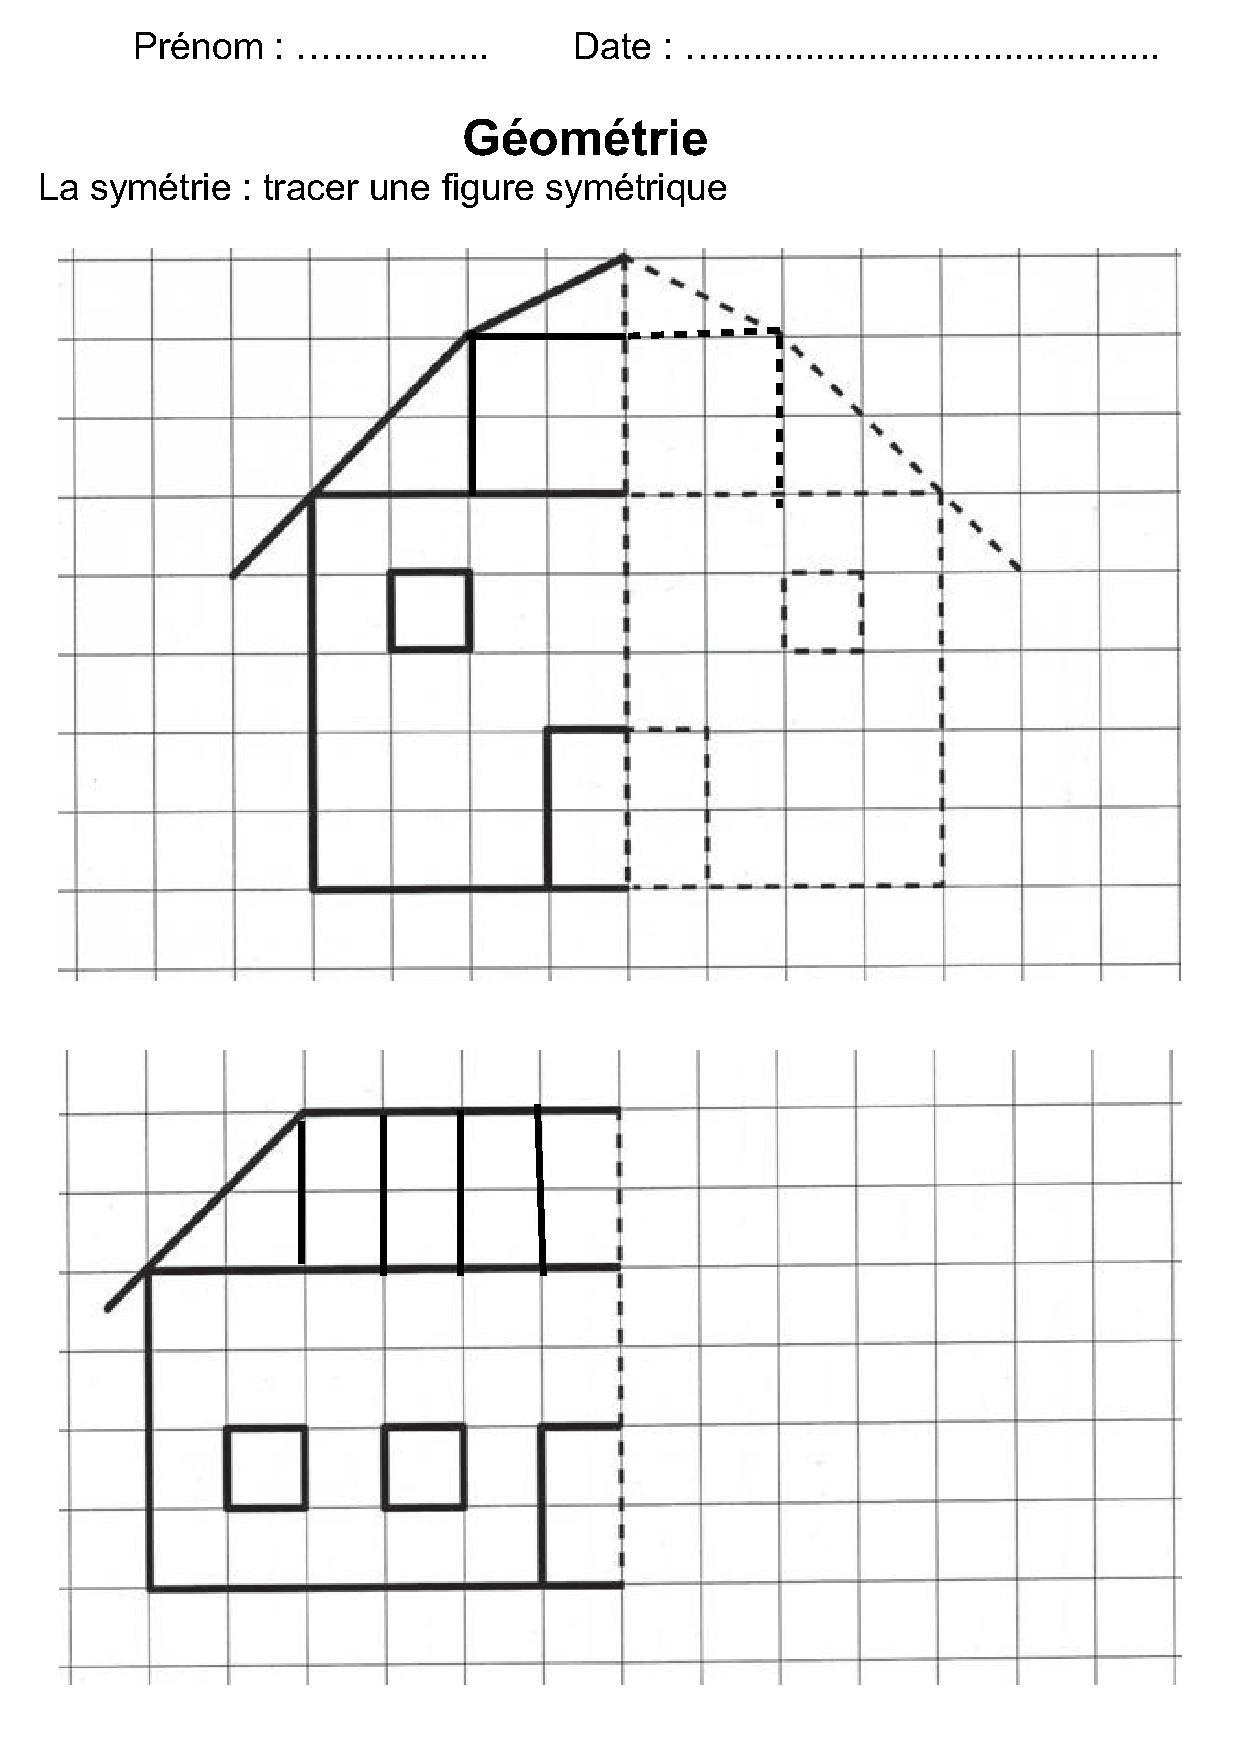 Géométrie Ce1,ce2,la Symétrie,reproduire Une Figure pour Exercice Symétrie Ce1